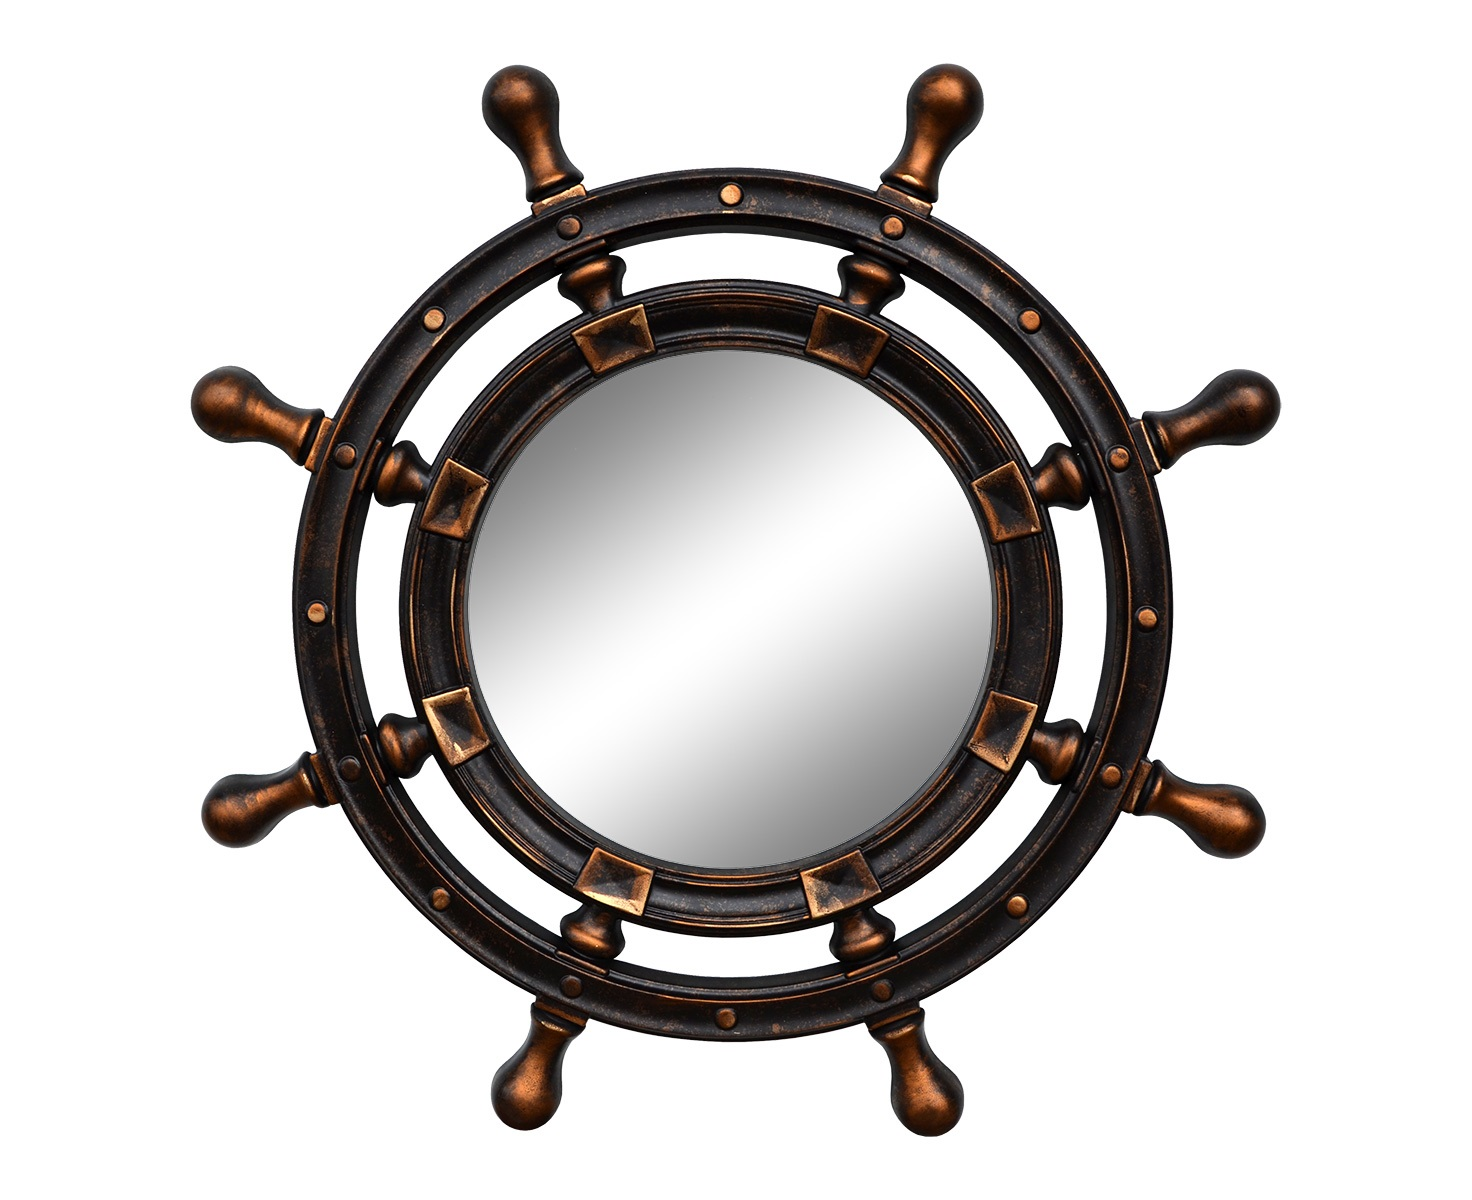 Зеркало ШтурвалНастенные зеркала<br>&amp;lt;div&amp;gt;Основные особенности ППУ: Безопасен для здоровья, не содержит вещества вызывающие аллергию, долговечность, надежность, жесткость, влагостойкость. Все декоративные красители - грунты, эмали, воски обладают высокой стойкостью.&amp;amp;nbsp;&amp;lt;/div&amp;gt;&amp;lt;div&amp;gt;Основное преимущество использованных материалов - это отсутствие запахов и быстрое высыхание, а также экологичность.&amp;amp;nbsp;&amp;lt;/div&amp;gt;&amp;lt;div&amp;gt;&amp;lt;br&amp;gt;&amp;lt;/div&amp;gt;&amp;lt;div&amp;gt;Рекомендации по уходу: бережная, влажная уборка.&amp;amp;nbsp;&amp;lt;/div&amp;gt;&amp;lt;div&amp;gt;Запрещается использование любых растворителей.&amp;lt;/div&amp;gt;<br><br>Material: Полиуретан<br>Length см: None<br>Width см: None<br>Depth см: 4<br>Height см: None<br>Diameter см: 96